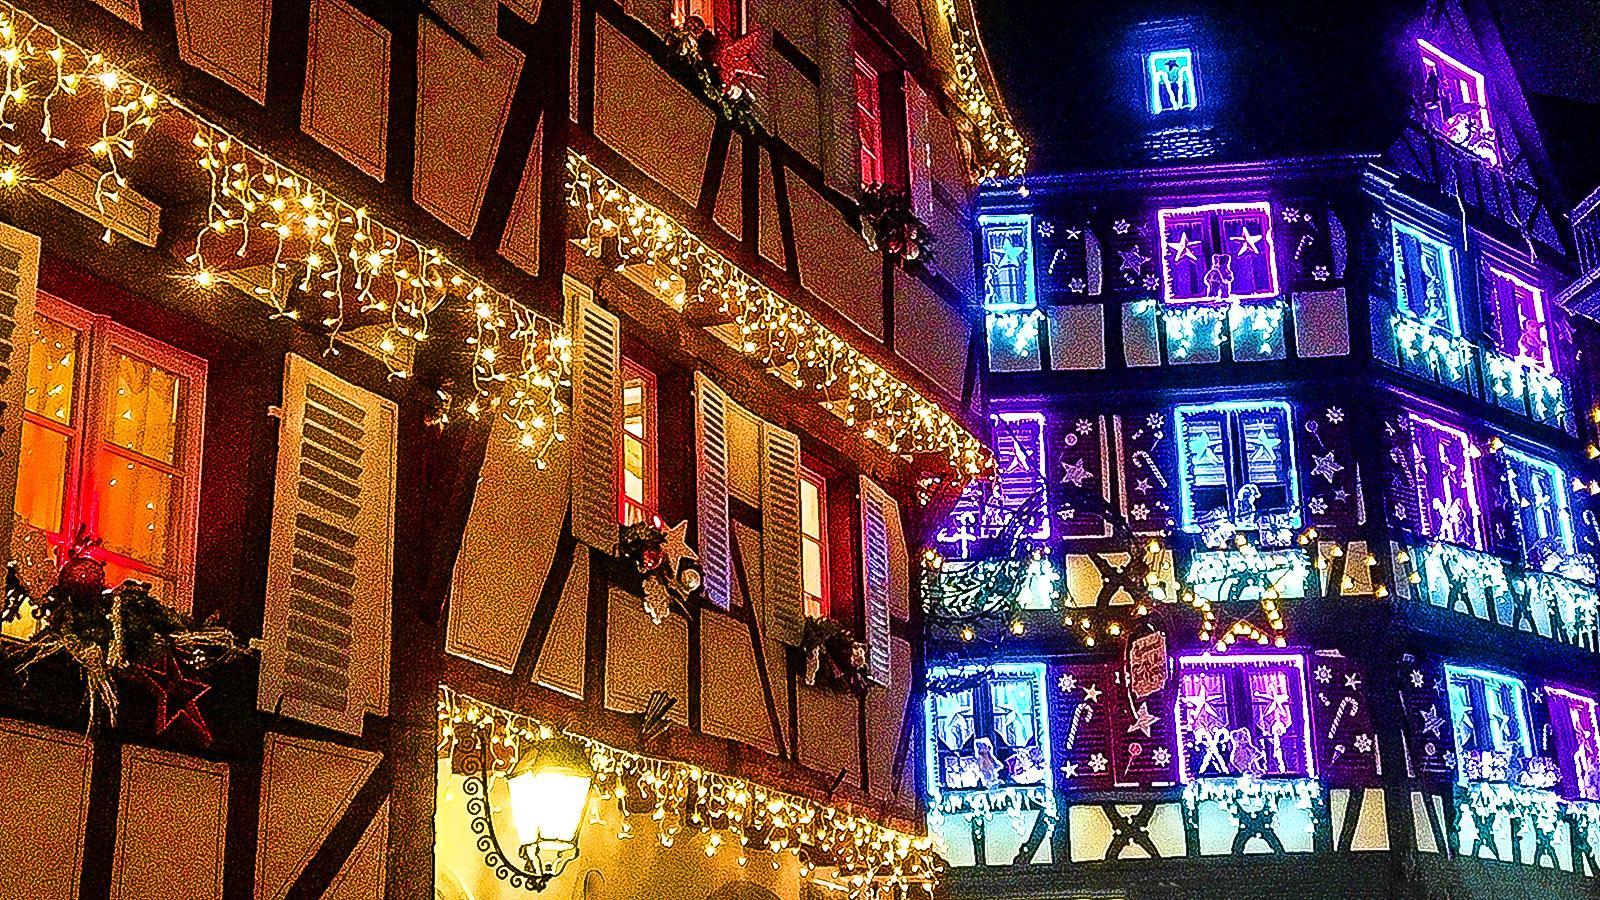 Weihnachten in Colmar - alles ist festlich illuminiert. Foto: Hilke Maunder